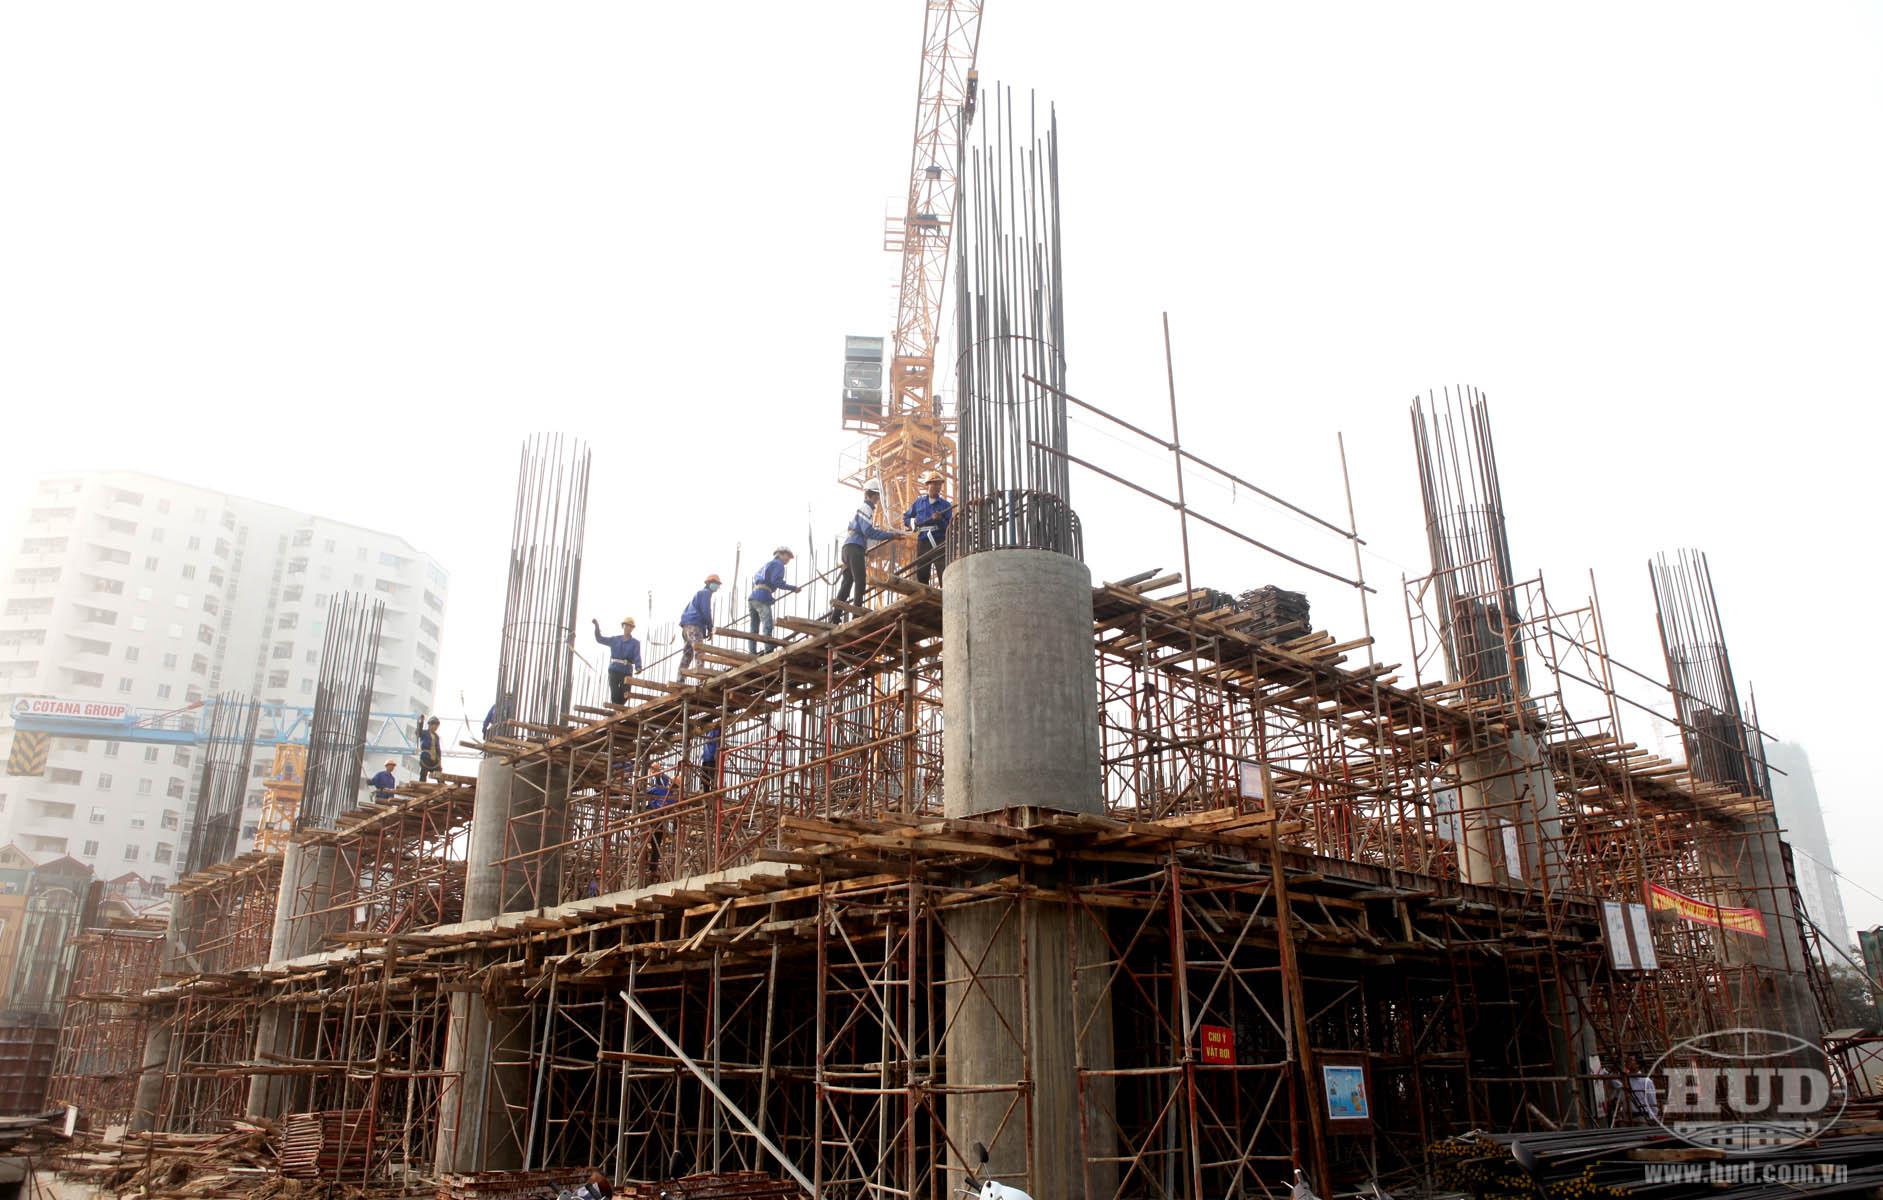 Quyết định phê duyệt Đề án thành lập Ban Quản lý dự án đầu tư xây dựng công trình dân dụng và công nghiệp tỉnh